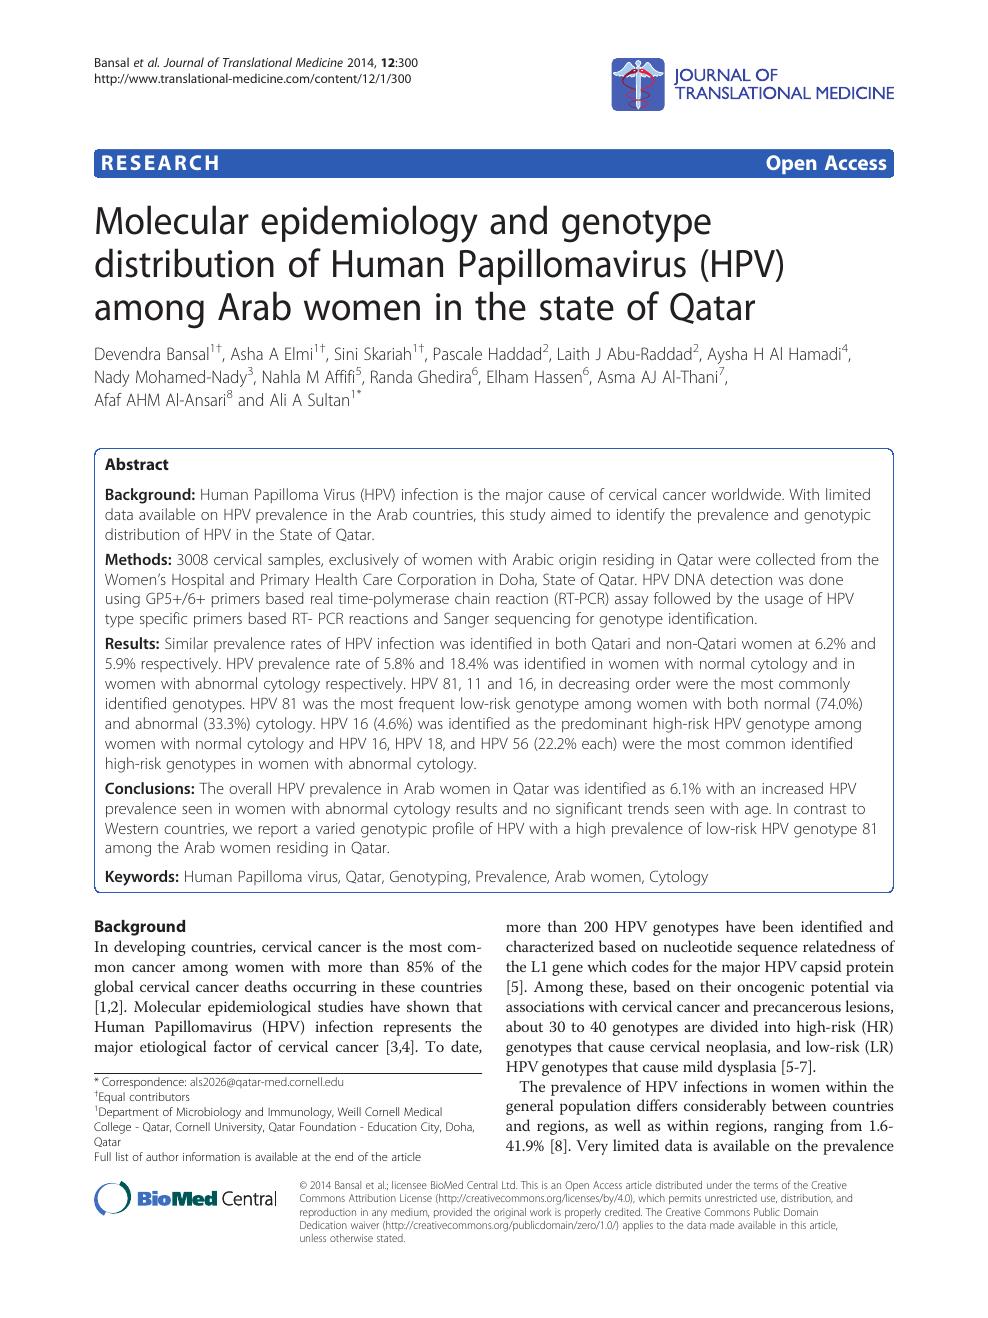 medicine journal human papillomavirus